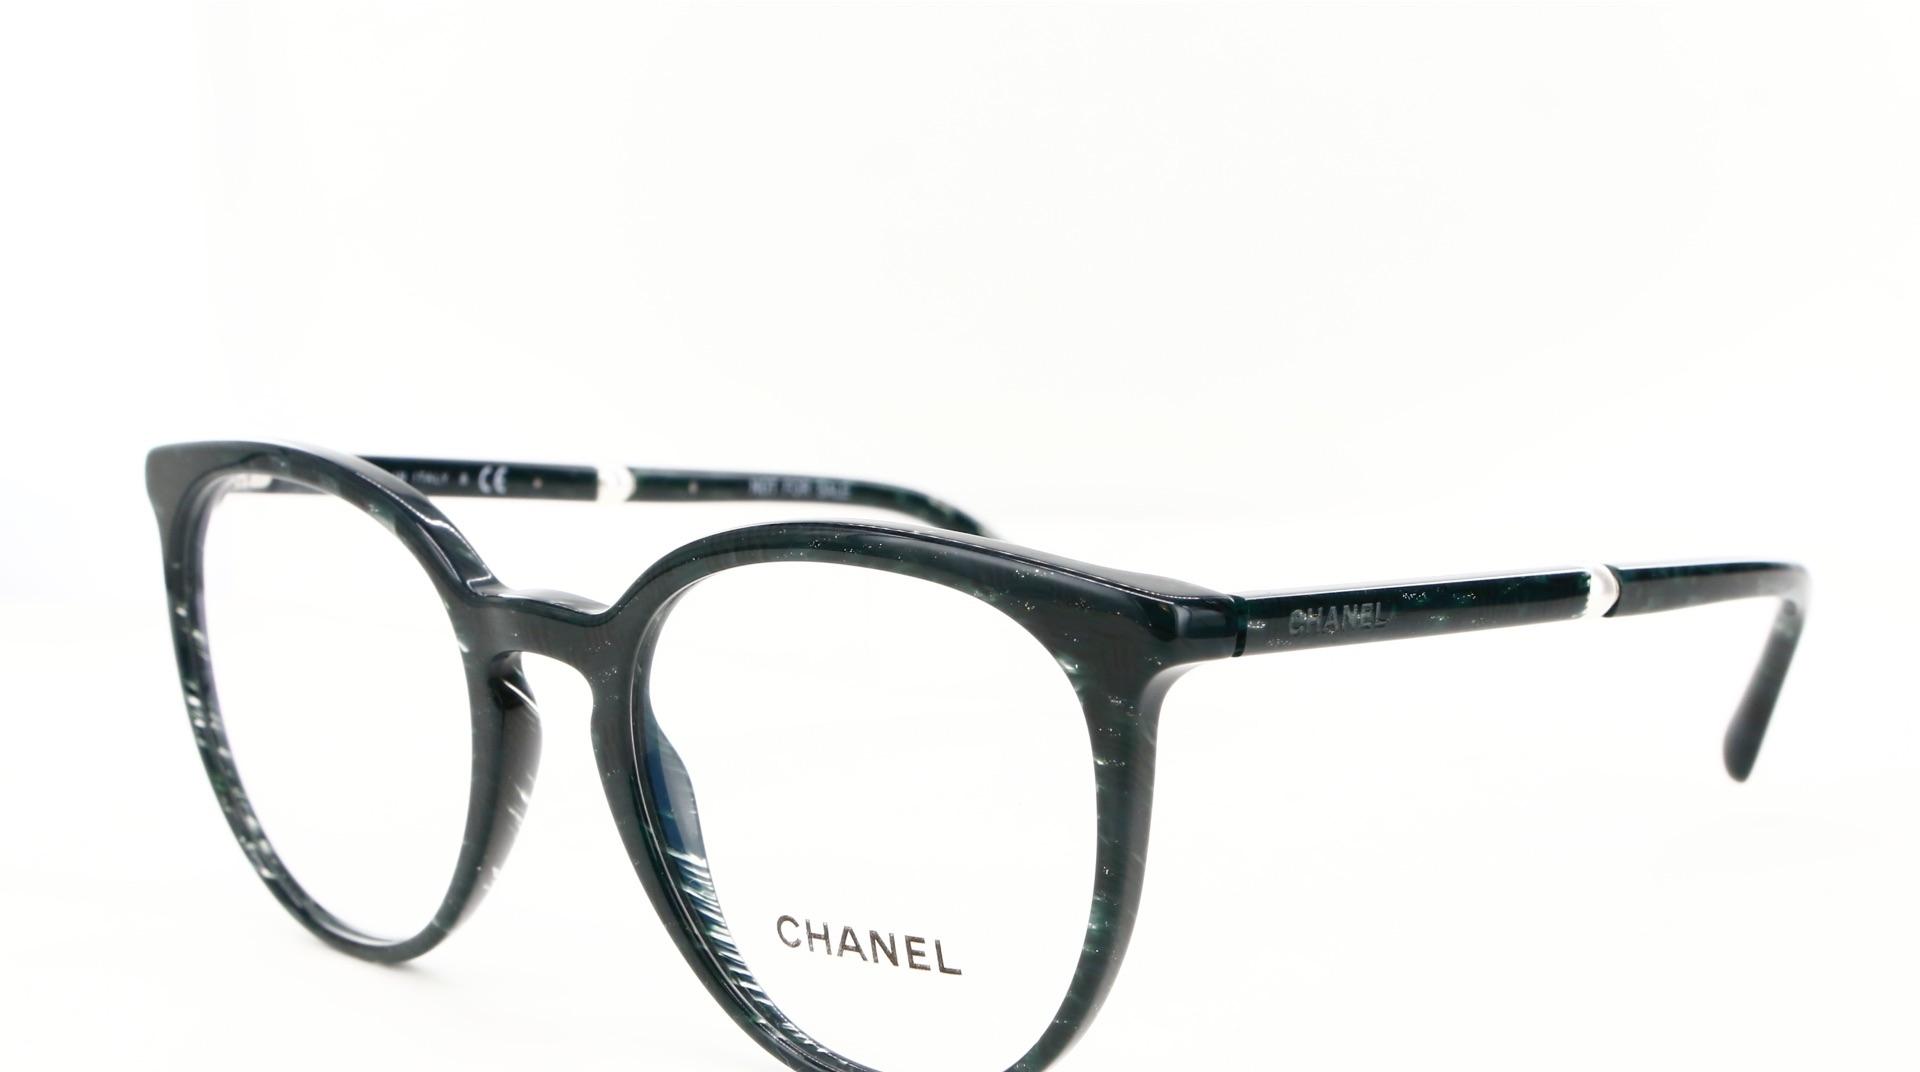 Chanel - ref: 79704